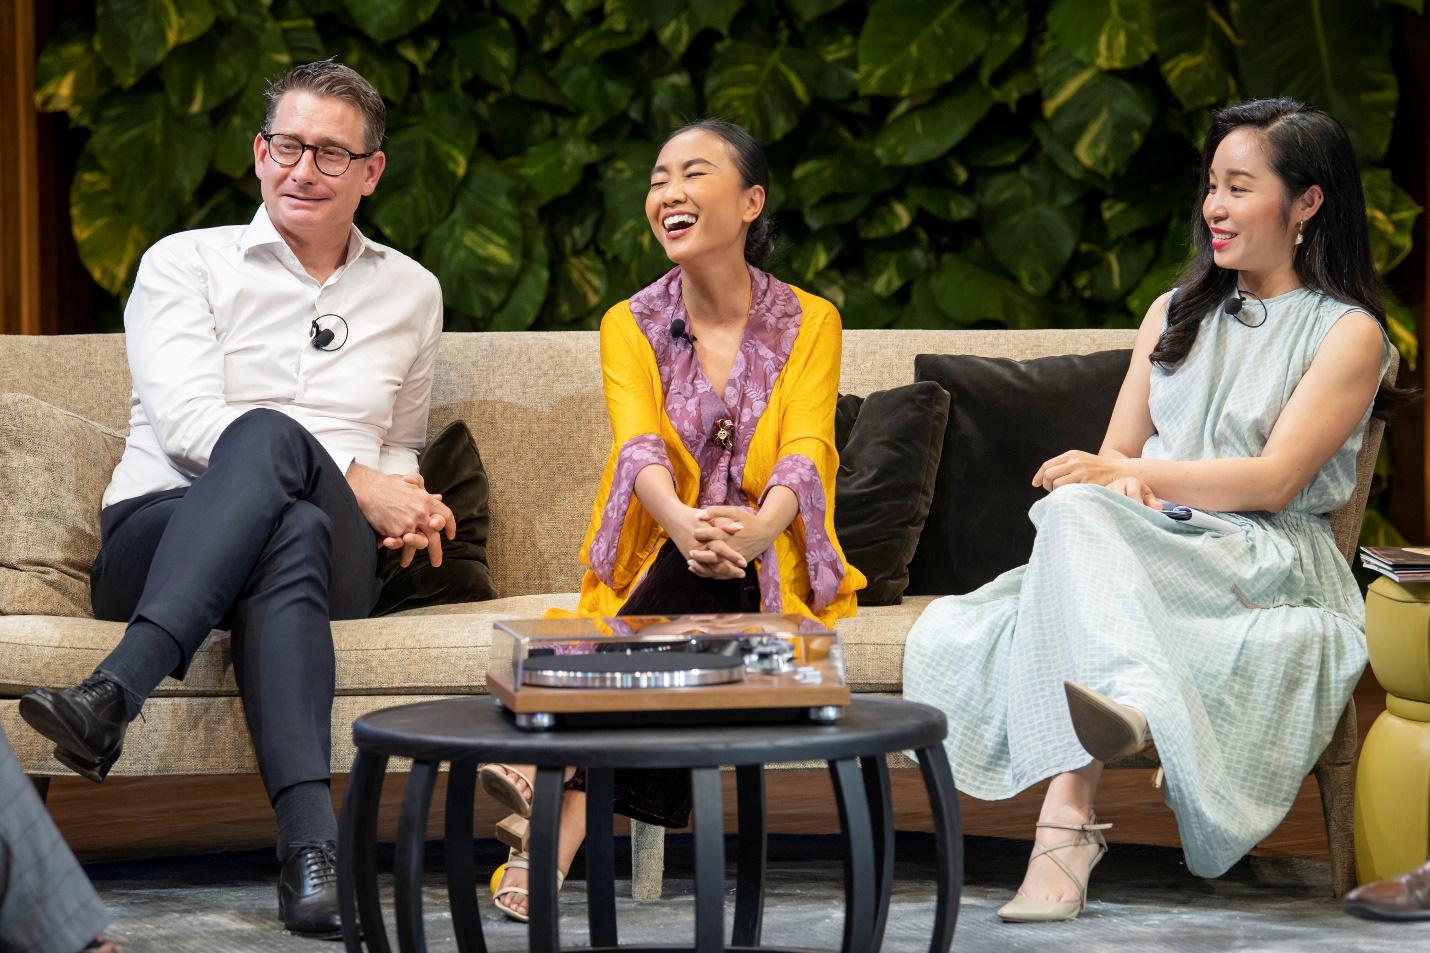 """Hà Anh Tuấn và Đoan Trang chia sẻ về cách """"sống vui khoẻ"""" trong The Master of Living Show - Ảnh 2."""